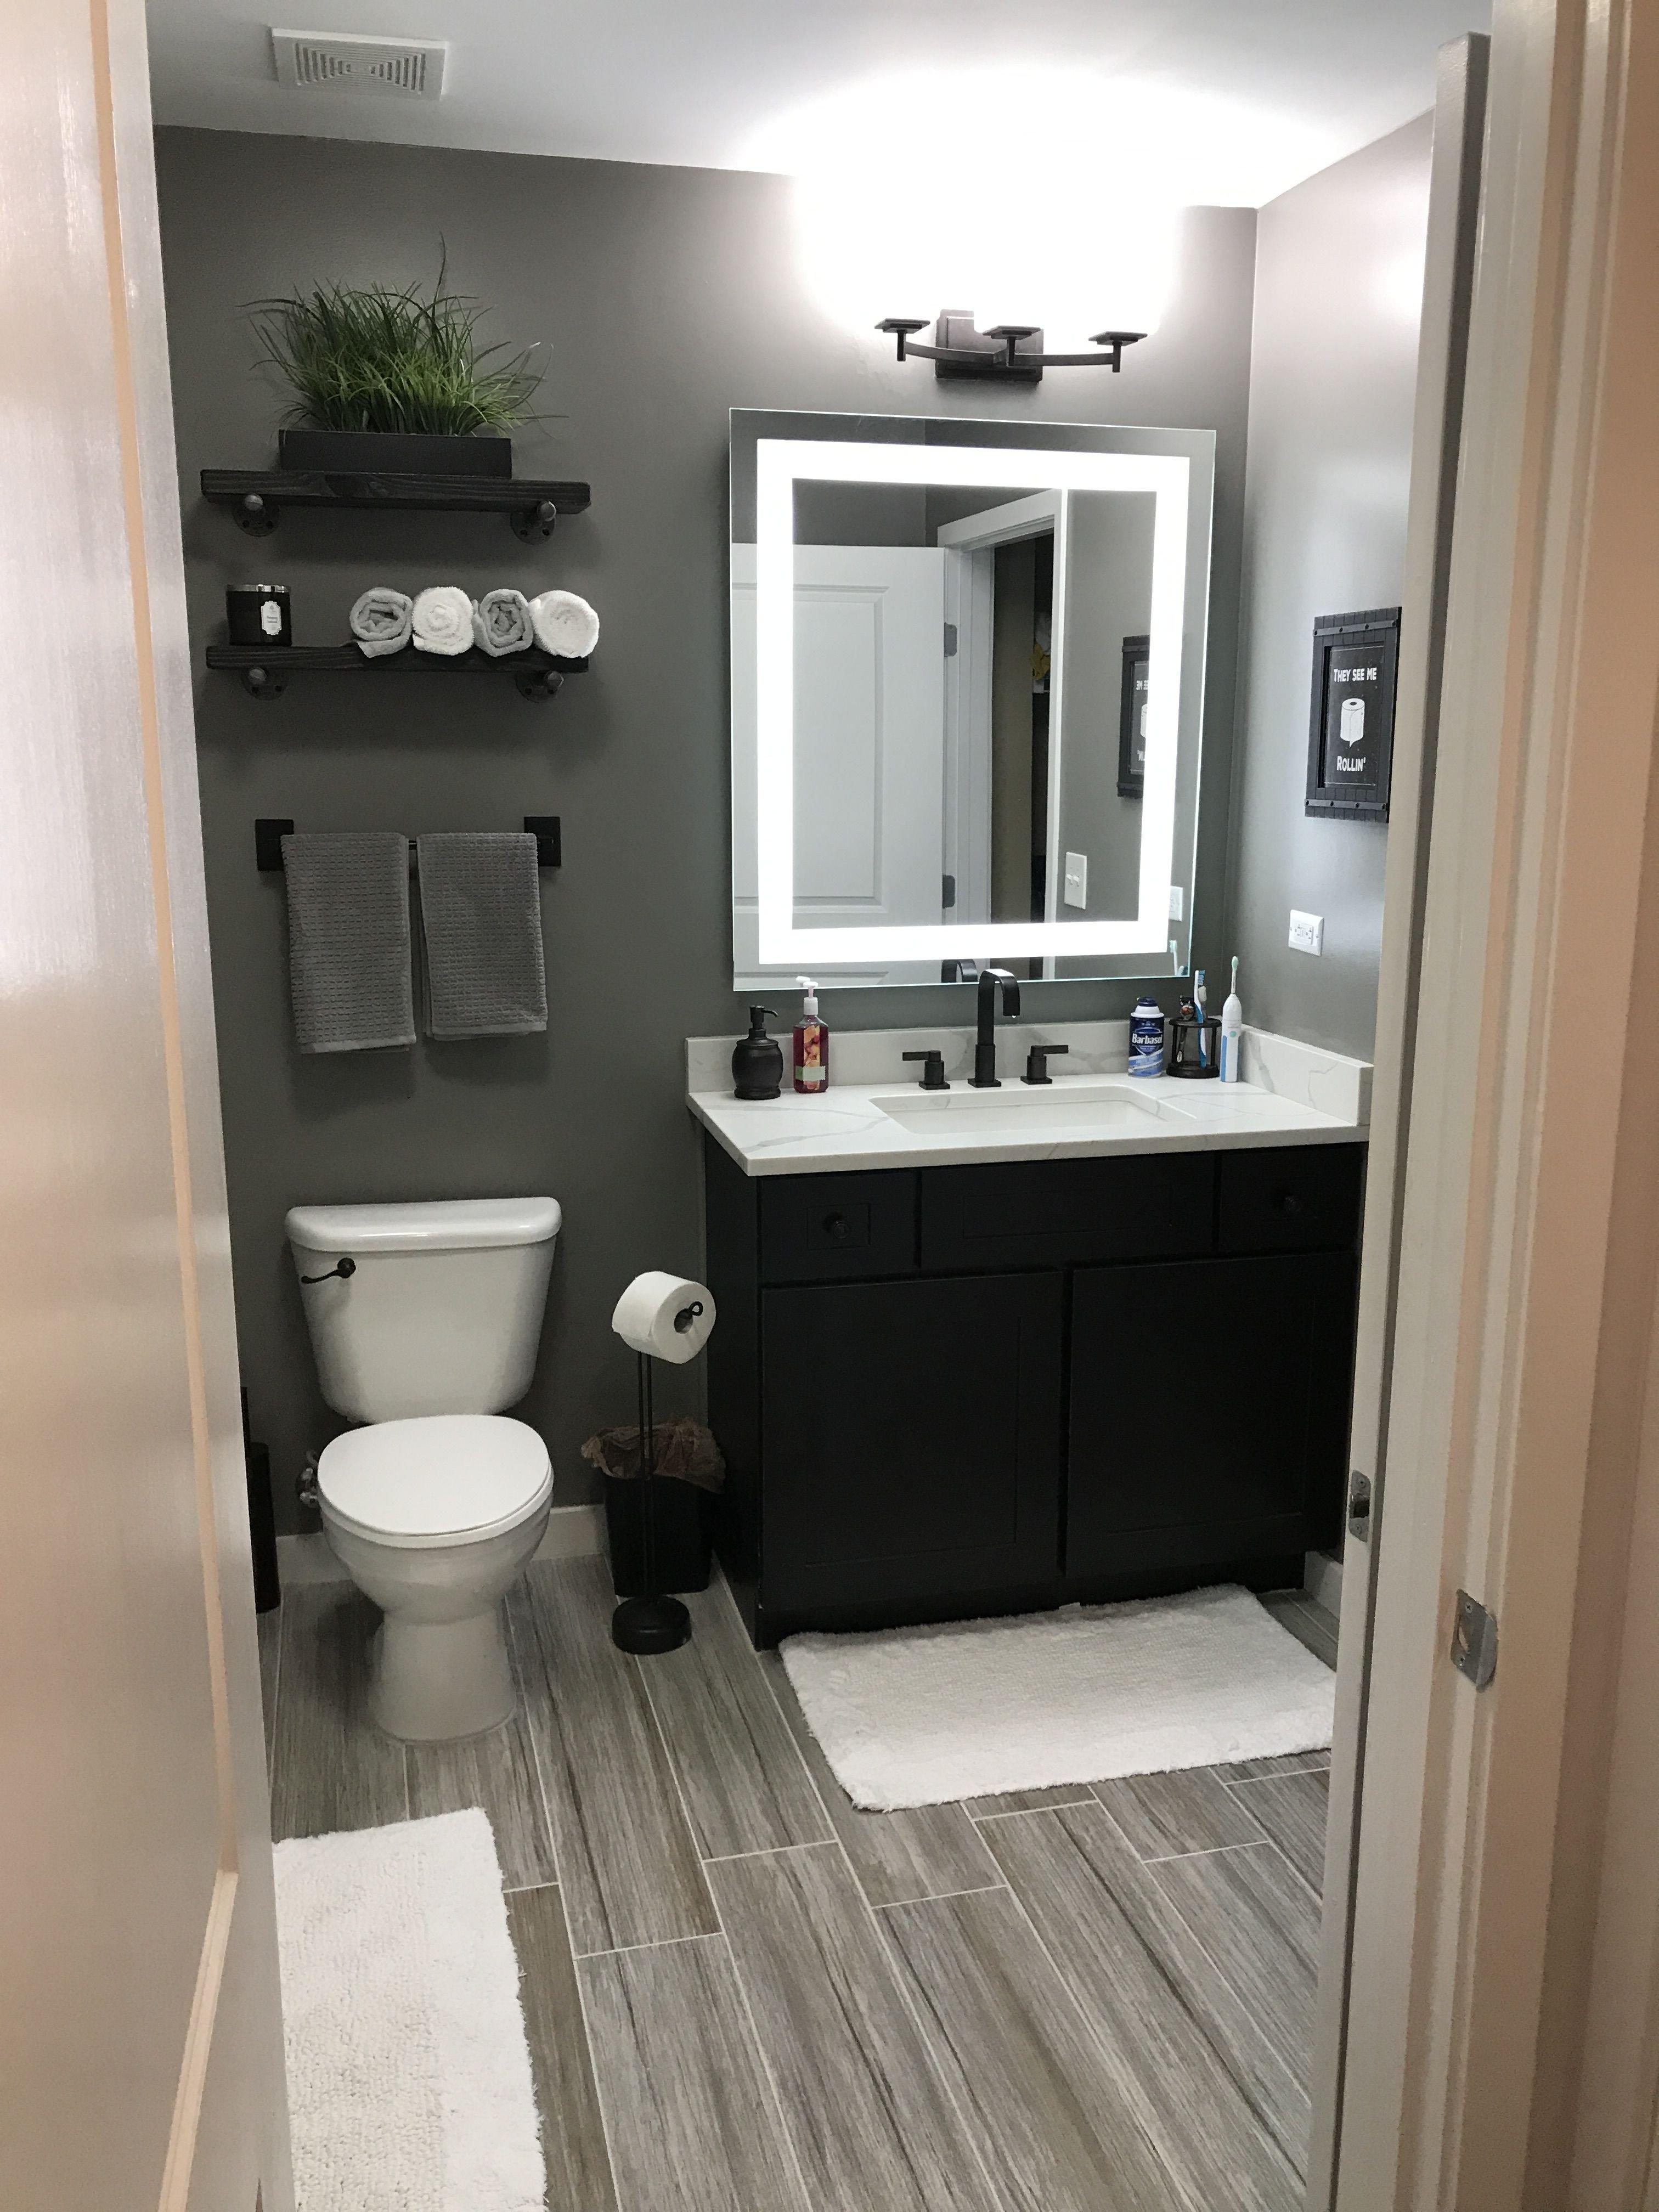 Floor and Decor Bathroom Vanities Beautiful Grey Bathroom Men S Bathroom Small Wood Floor Look Mirror Espresso Vanity Lighting